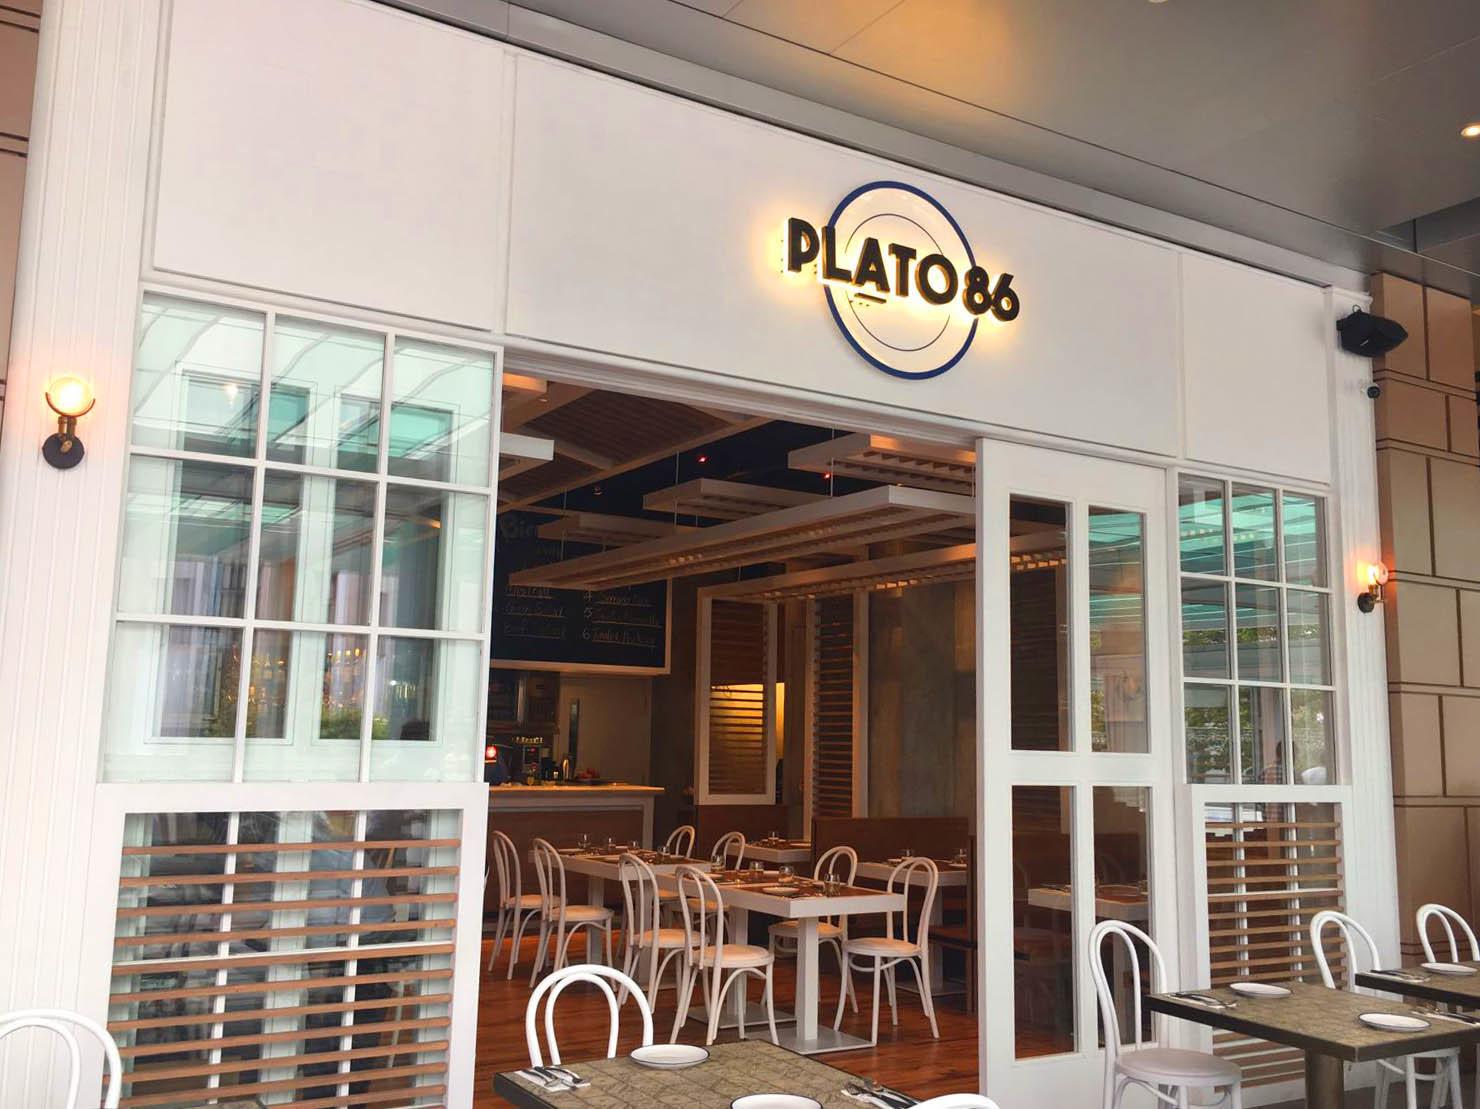 Plato86